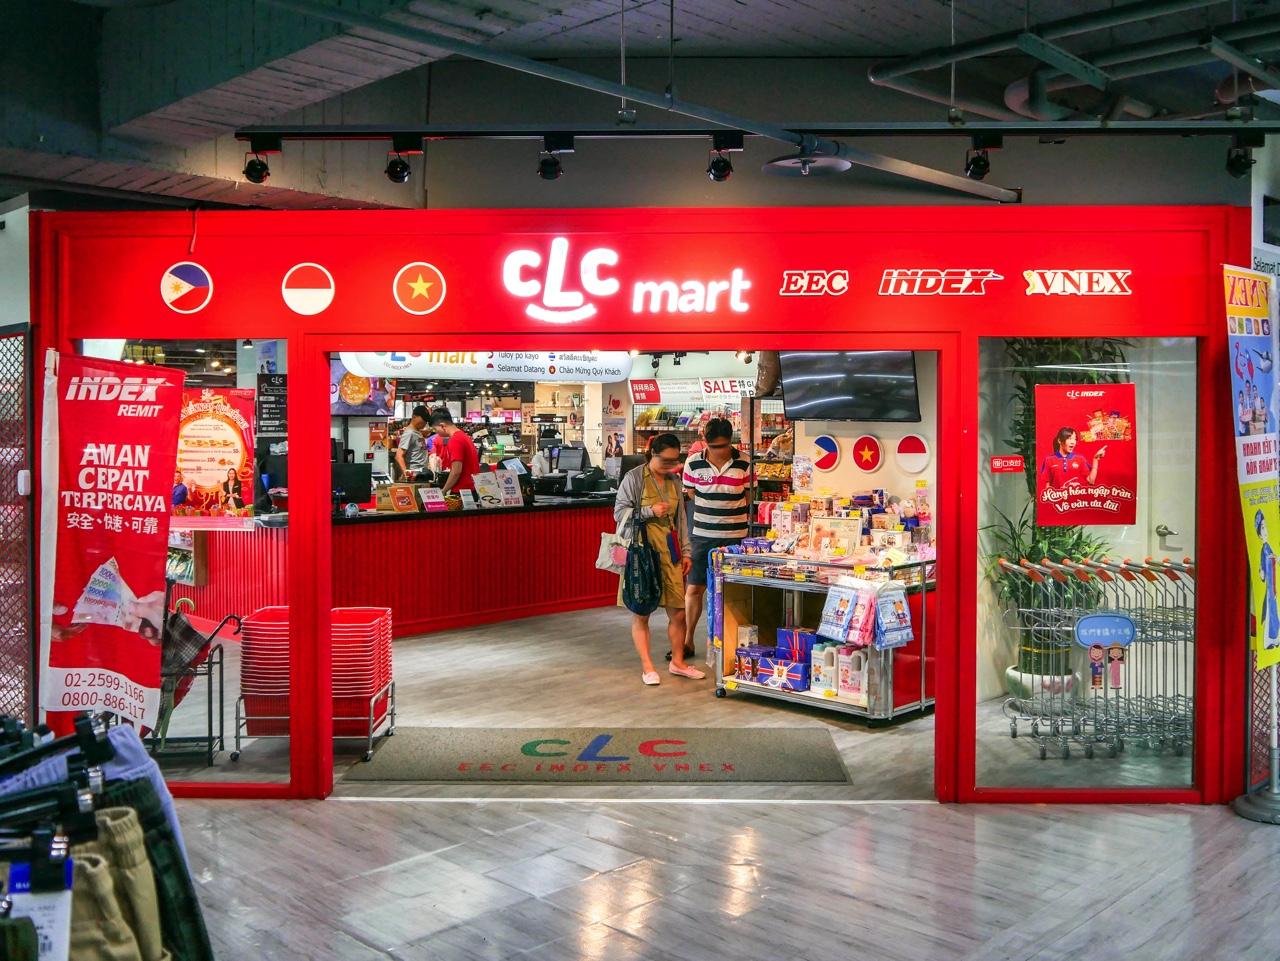 東南アジアショッピング・グルメプラザ(東南亞購物美食廣場)入口